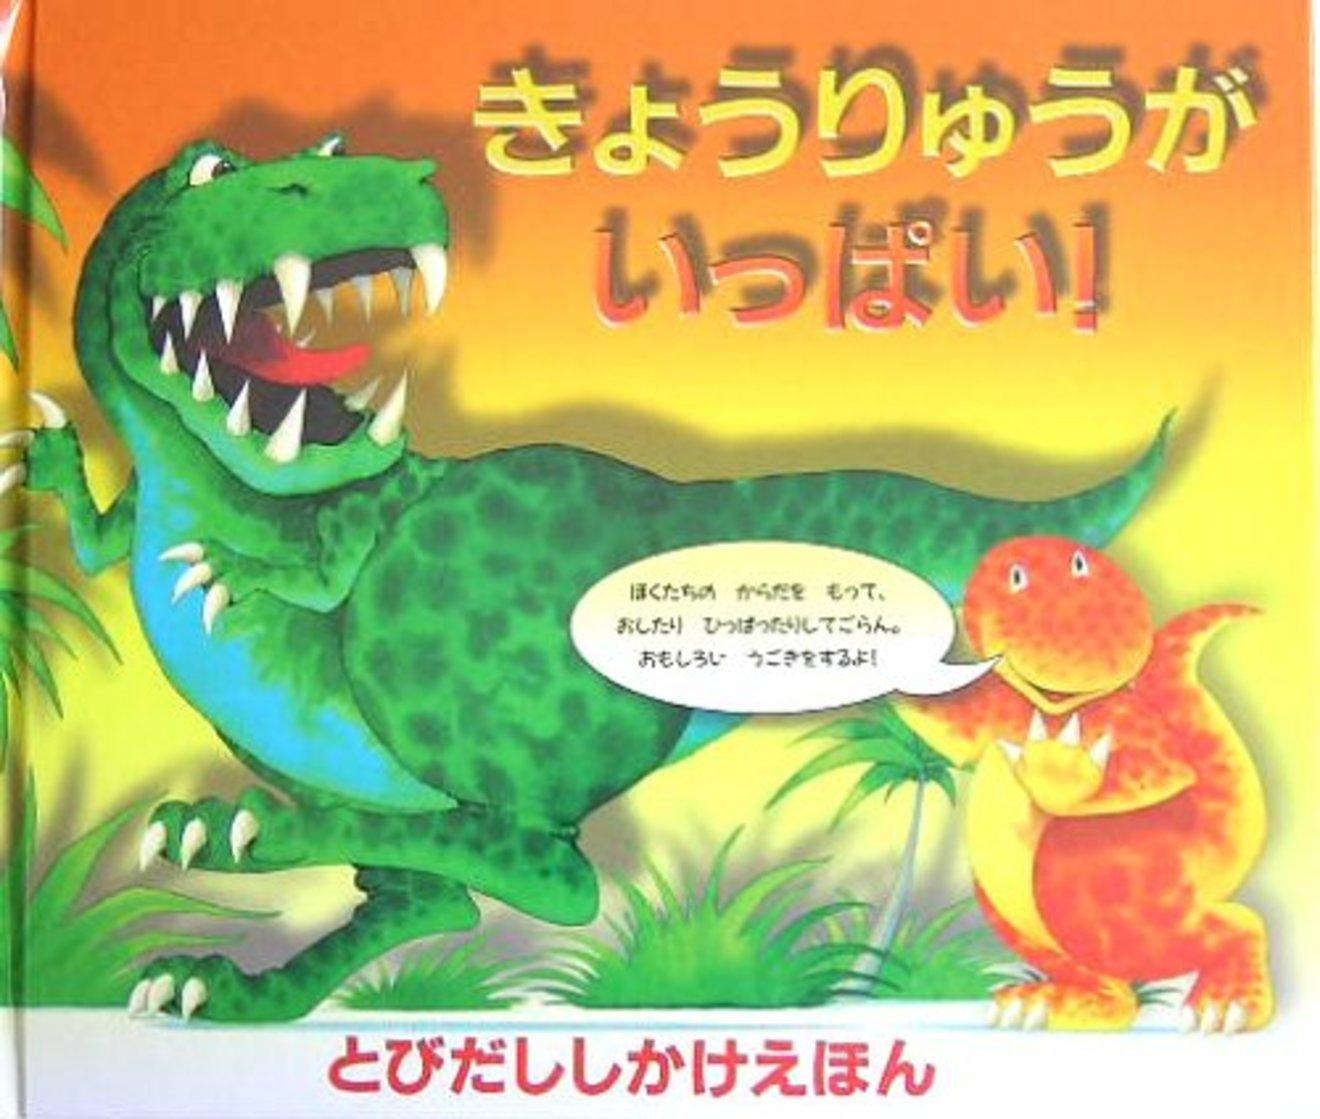 恐竜が出てくるおすすめ絵本!3歳~小学校低学年に読んでほしい5冊